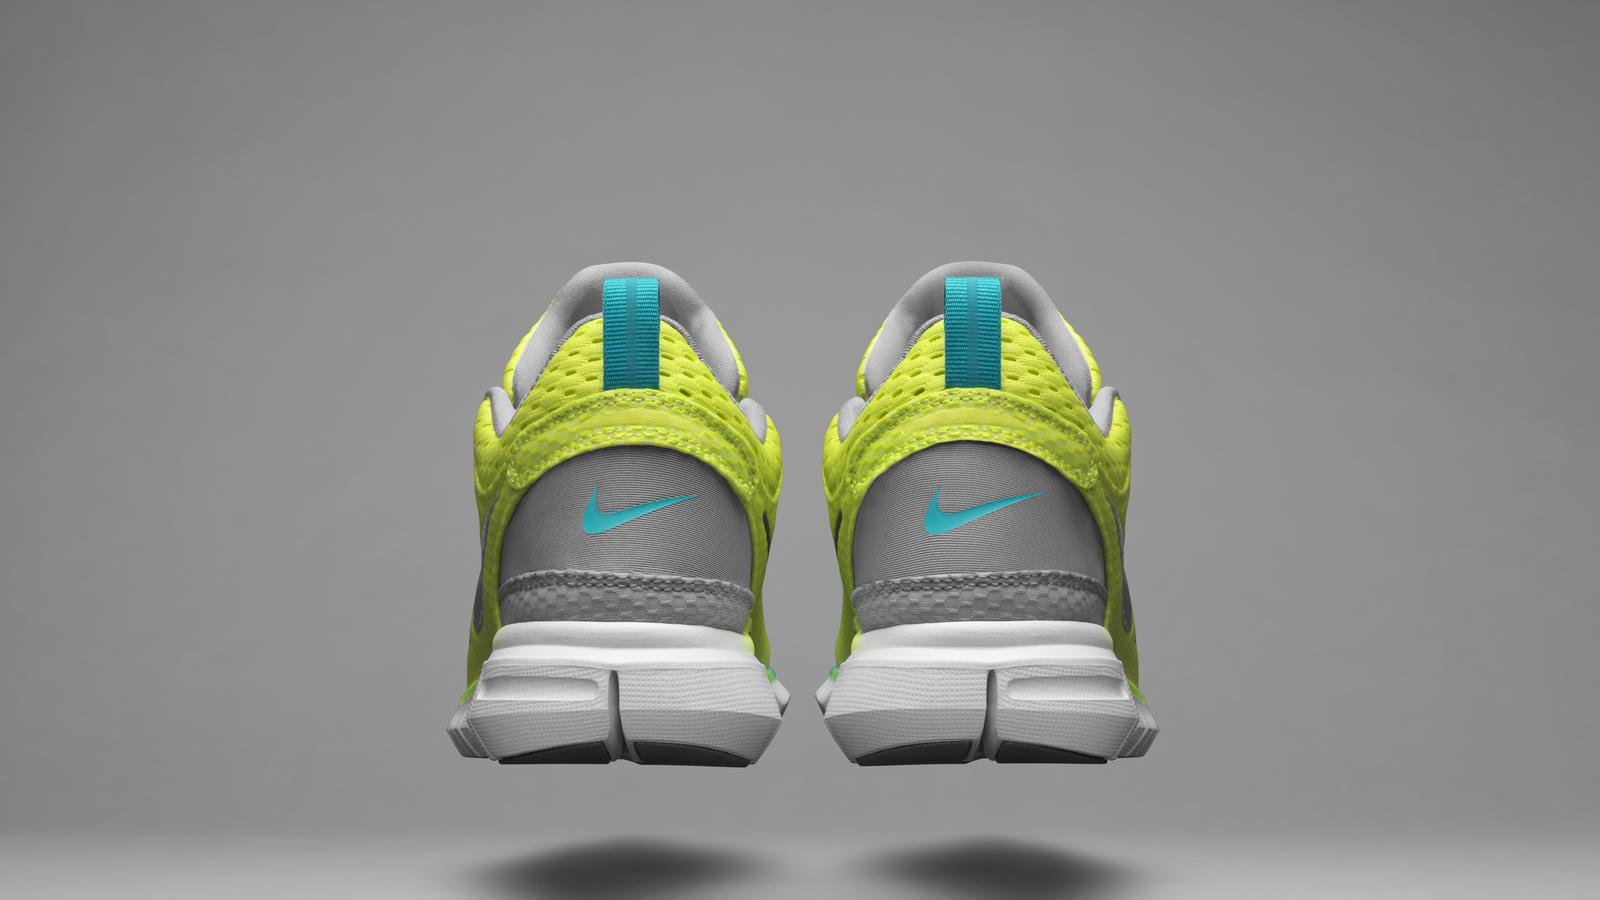 brand new 3f785 8aac1 Nike Free Breathes Again - Nike News